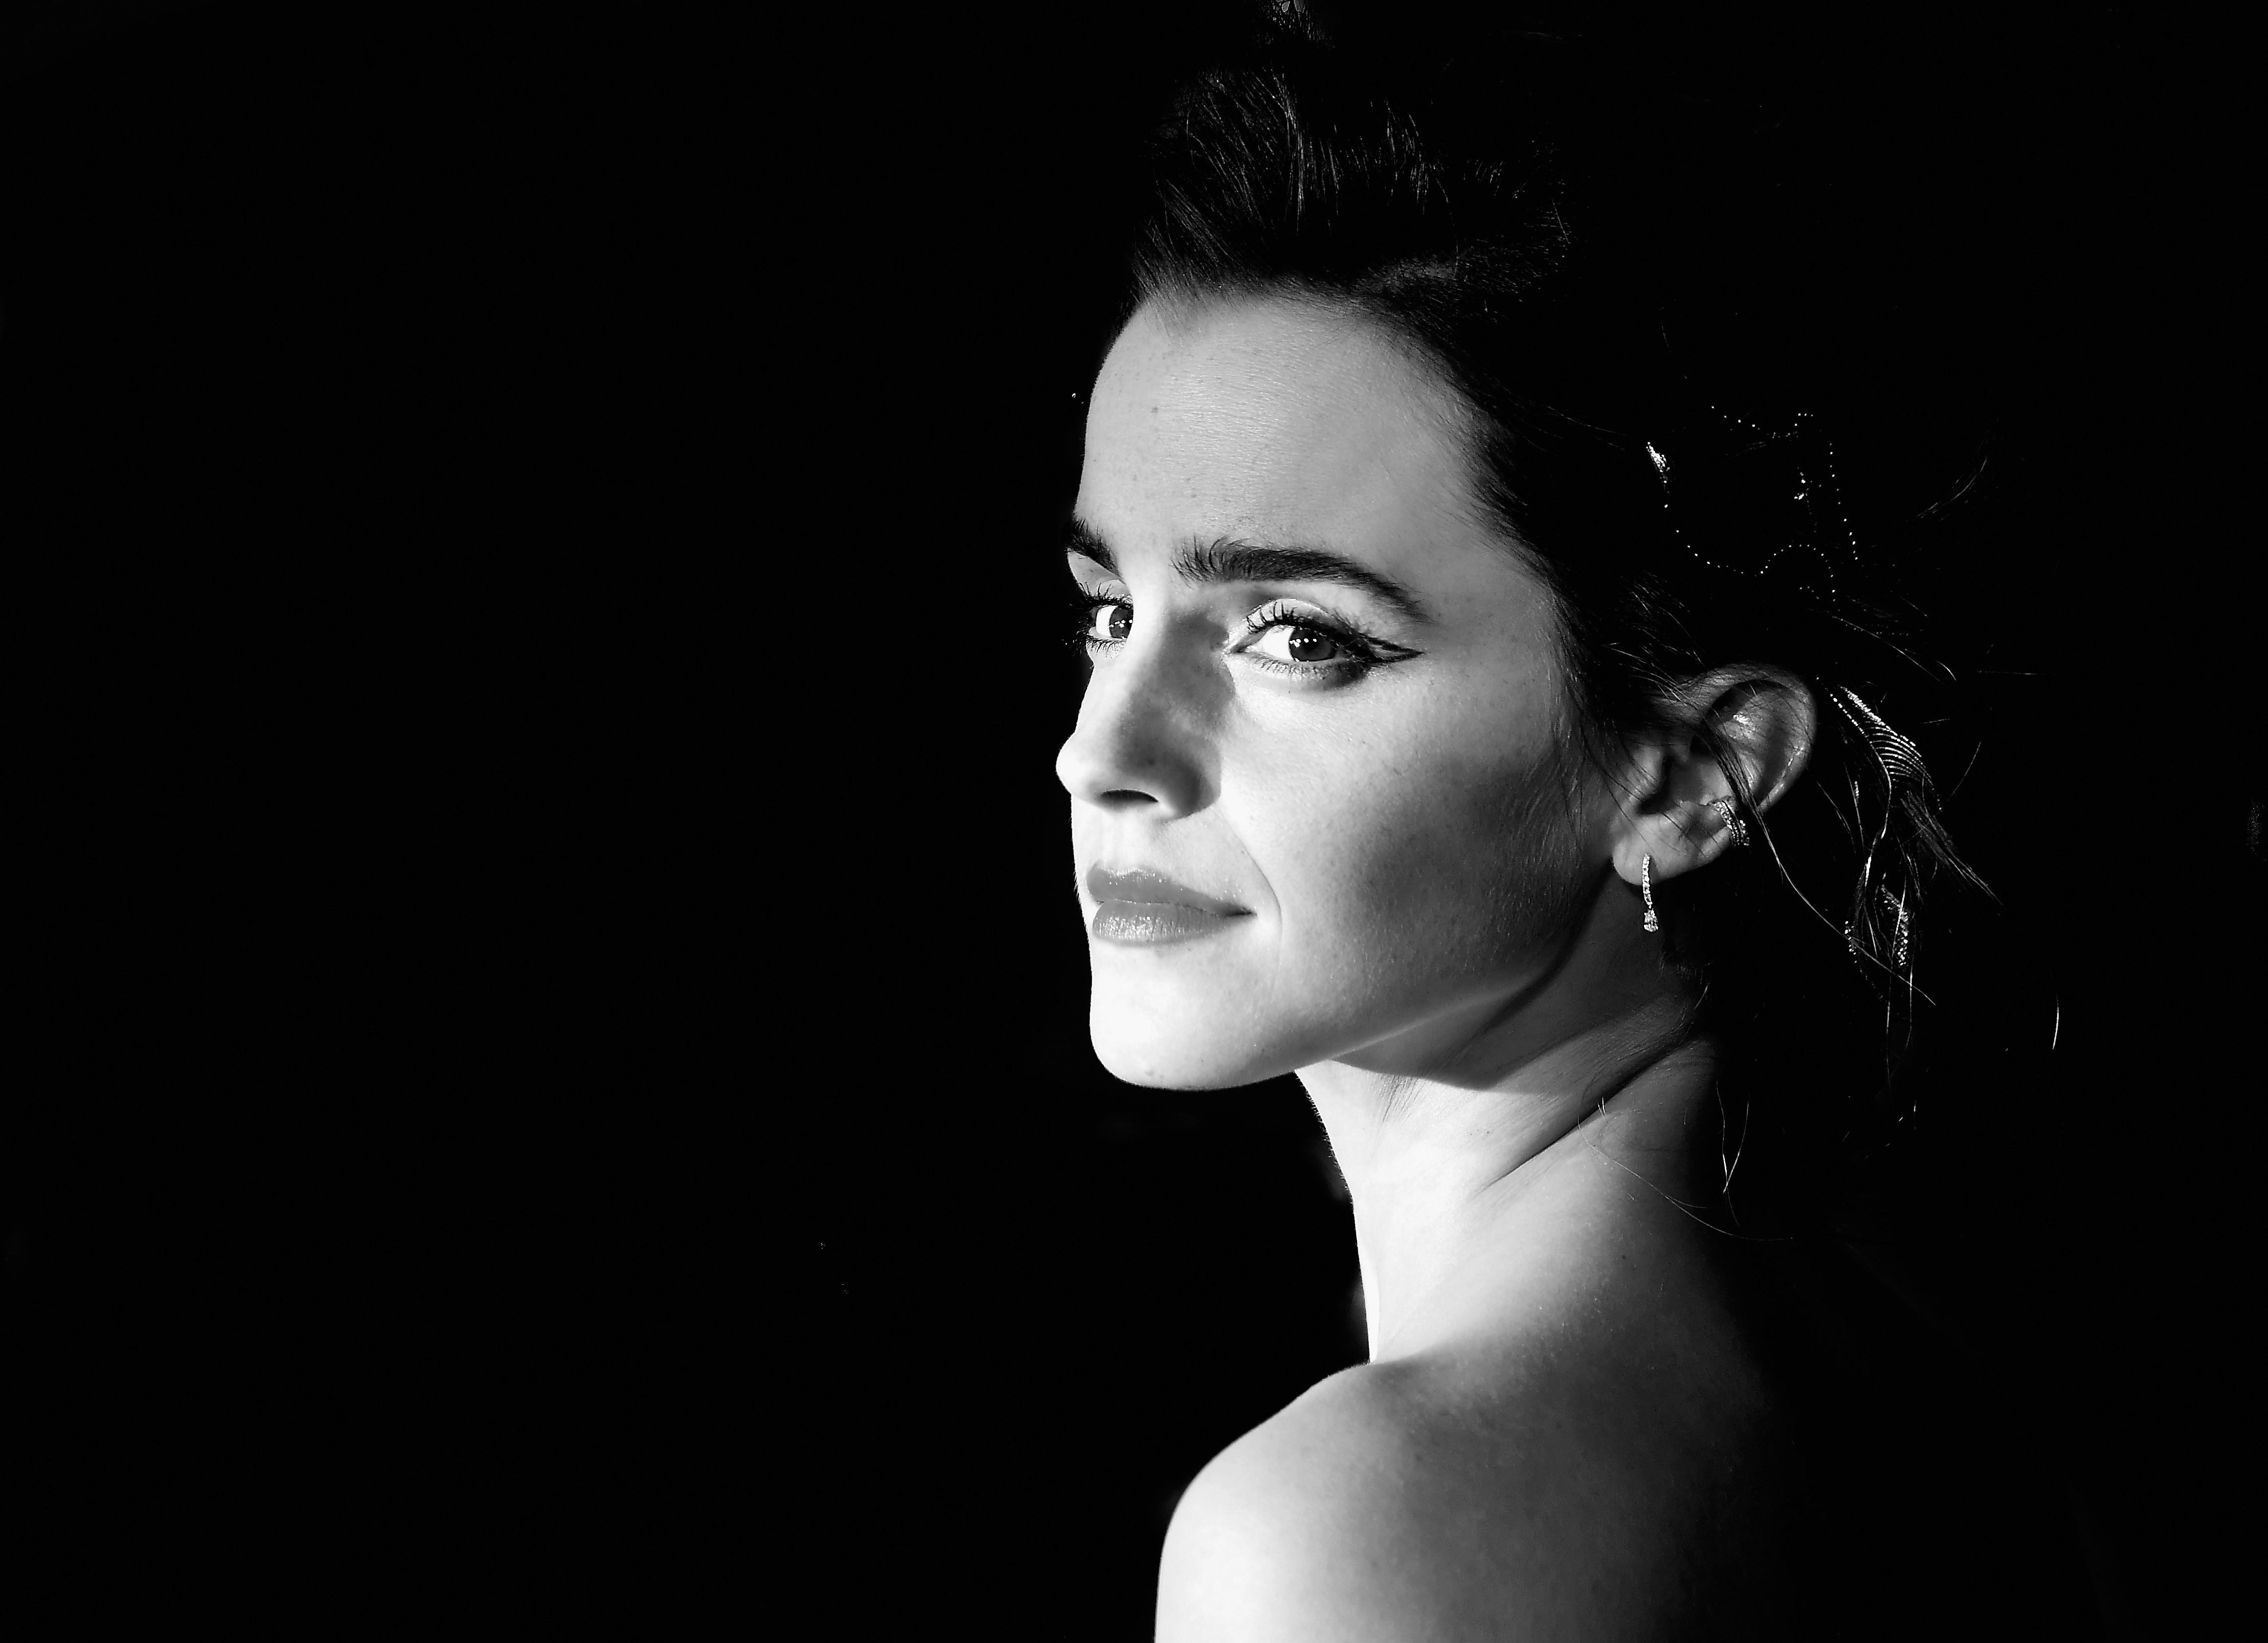 Emma Watson foi uma das vítimas mais recentes do Fappening 2.0 (Foto: Getty Images/  Frazer Harrison)